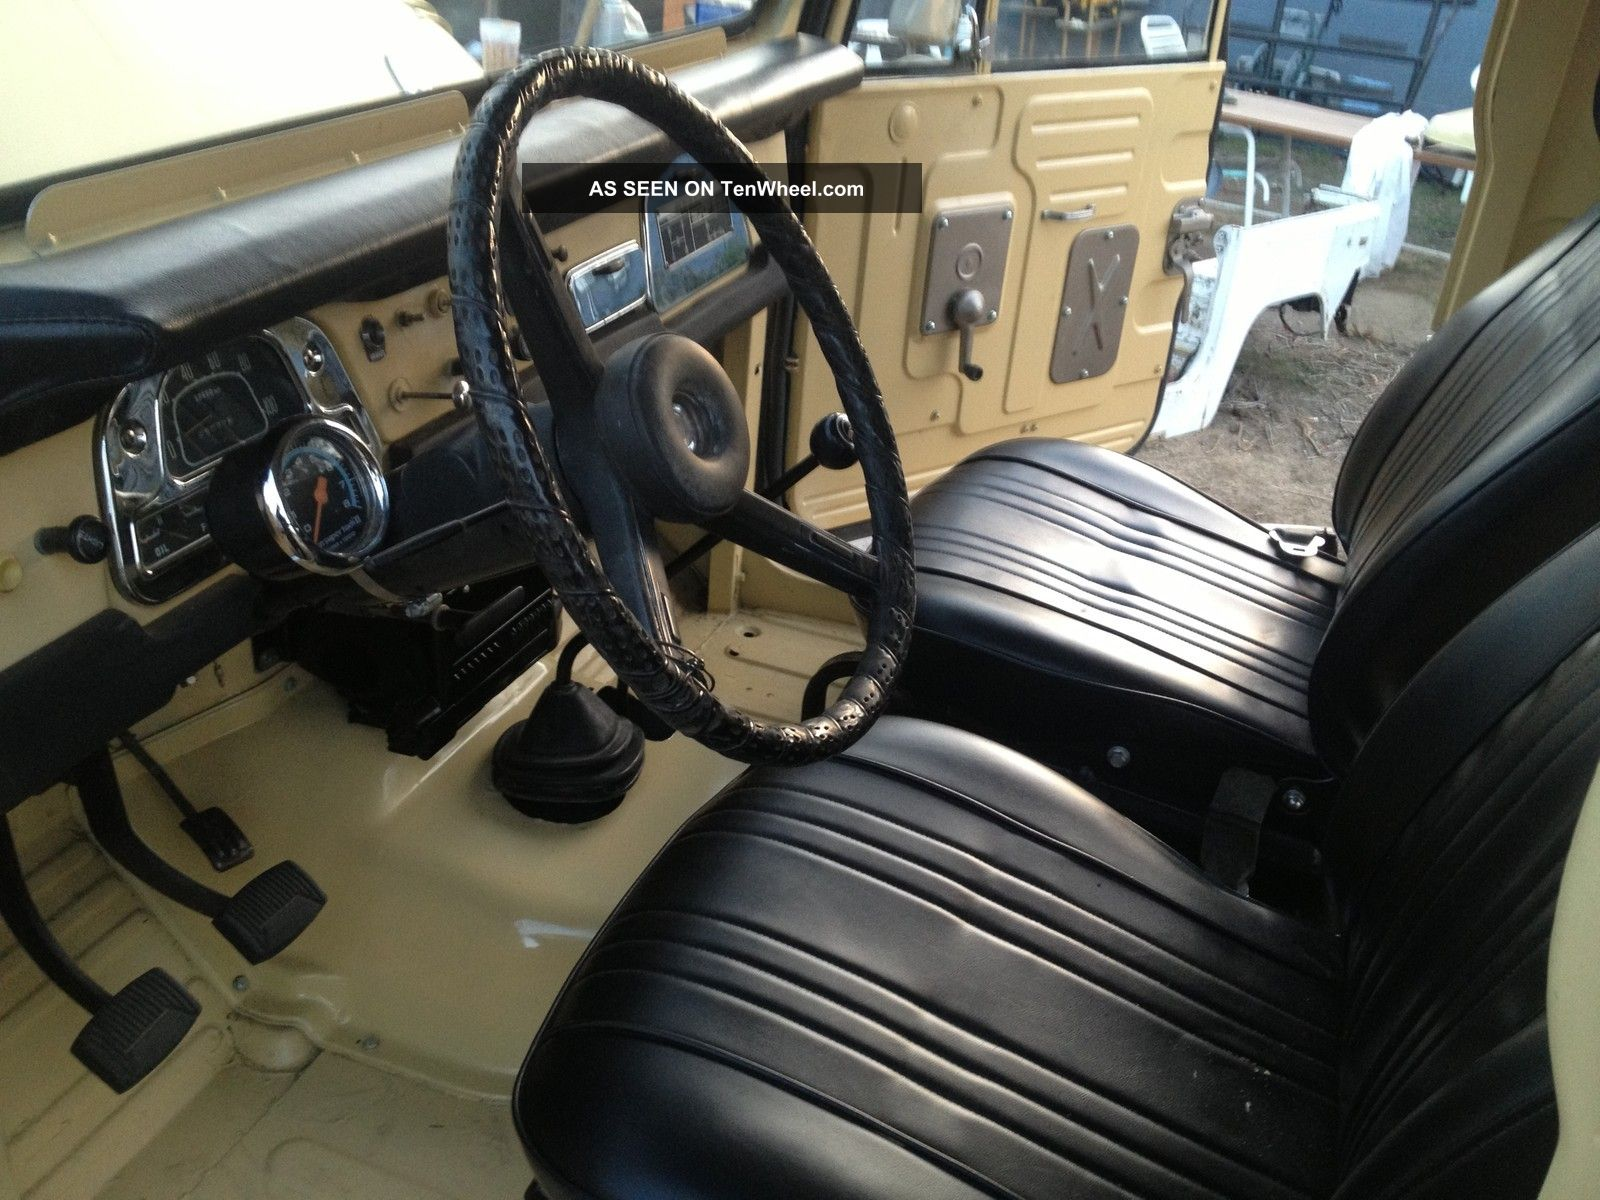 1973 Toyota Land Cruiser Fj40 Chromed Out Stunner Power Brakes 4 Speed V8